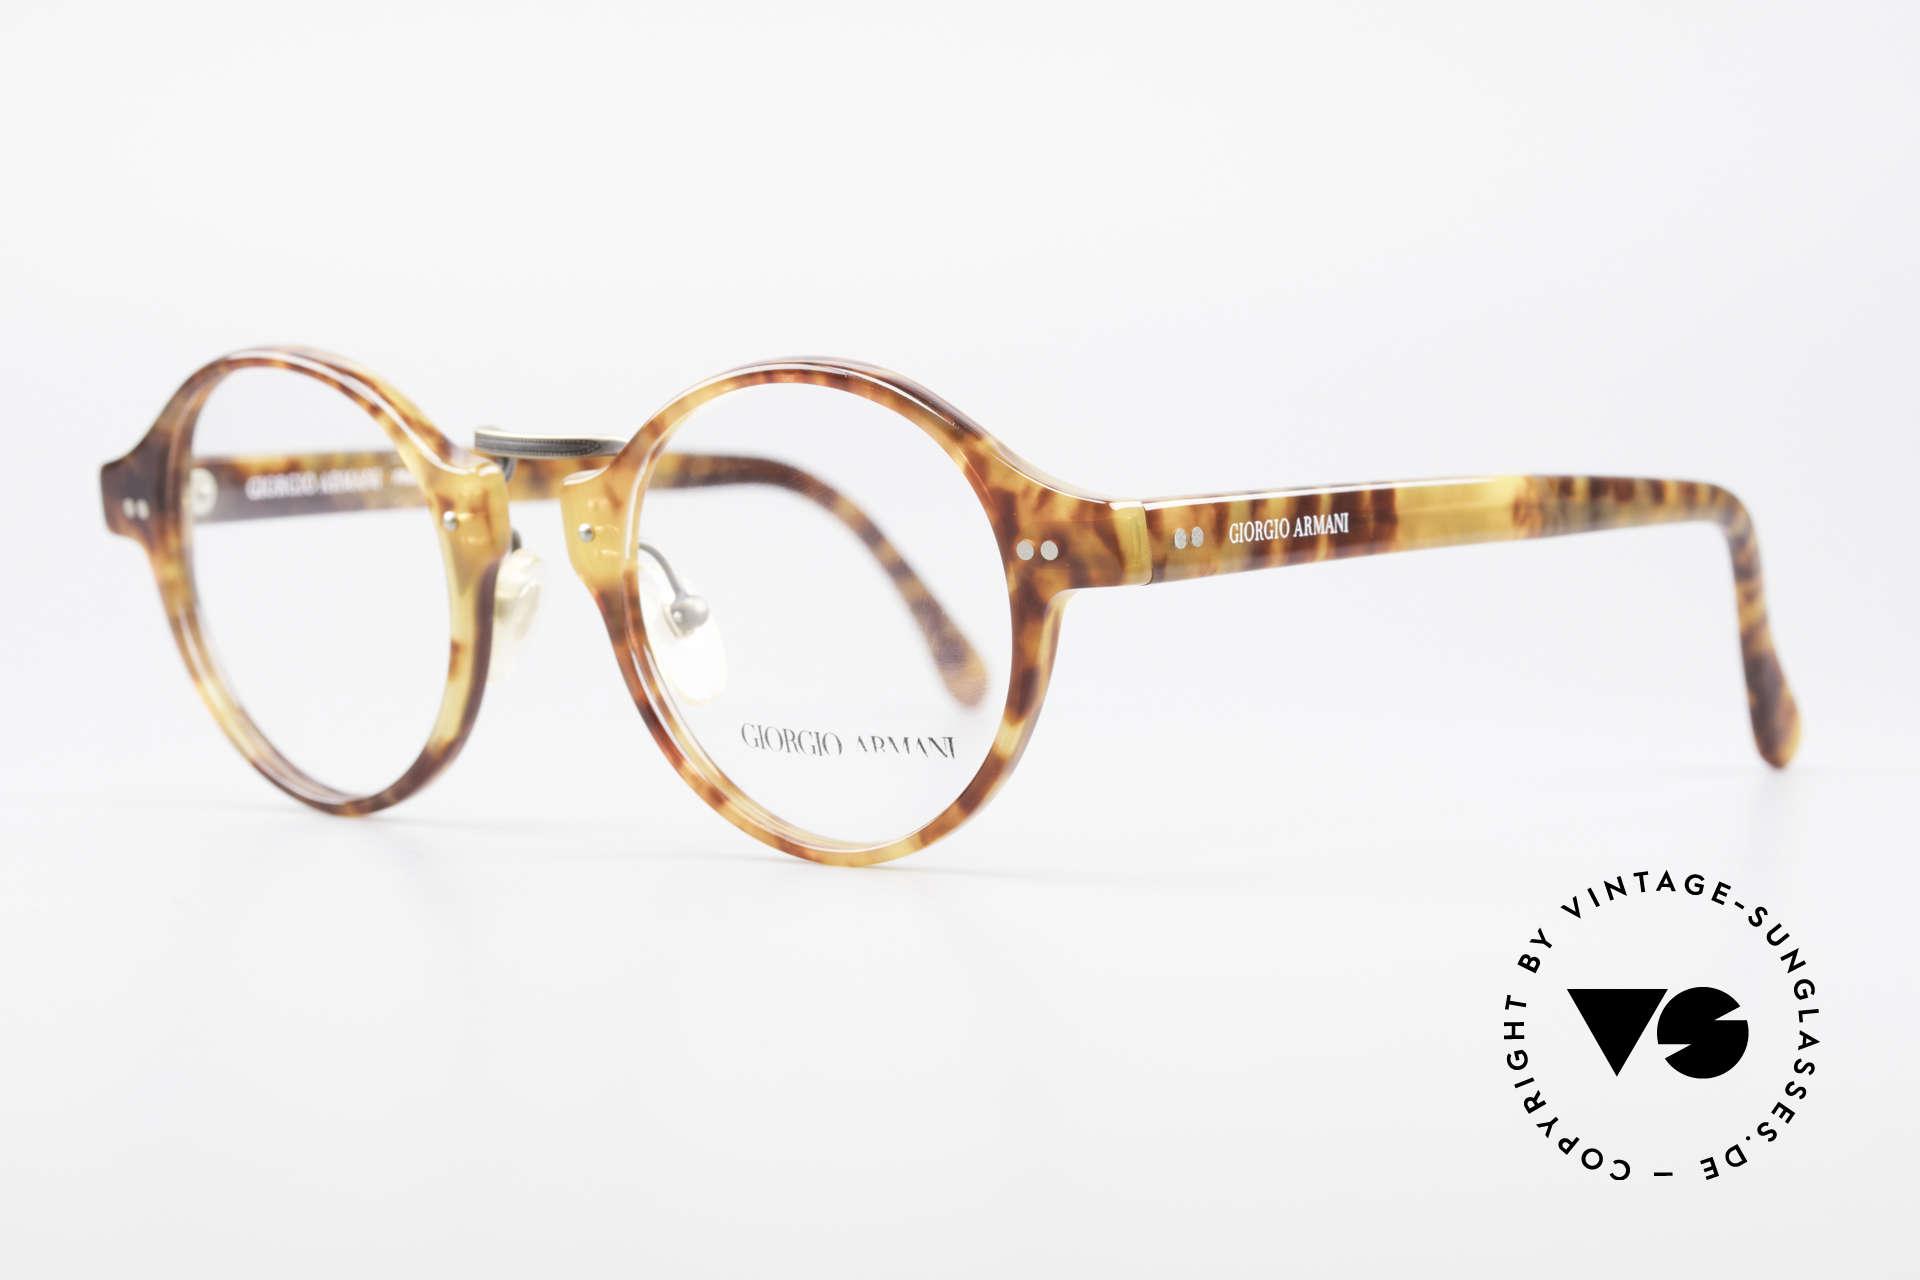 Giorgio Armani 341 Vintage Panto Eyeglass-Frame, very elegant tortoise frame texture with a brass bridge, Made for Men